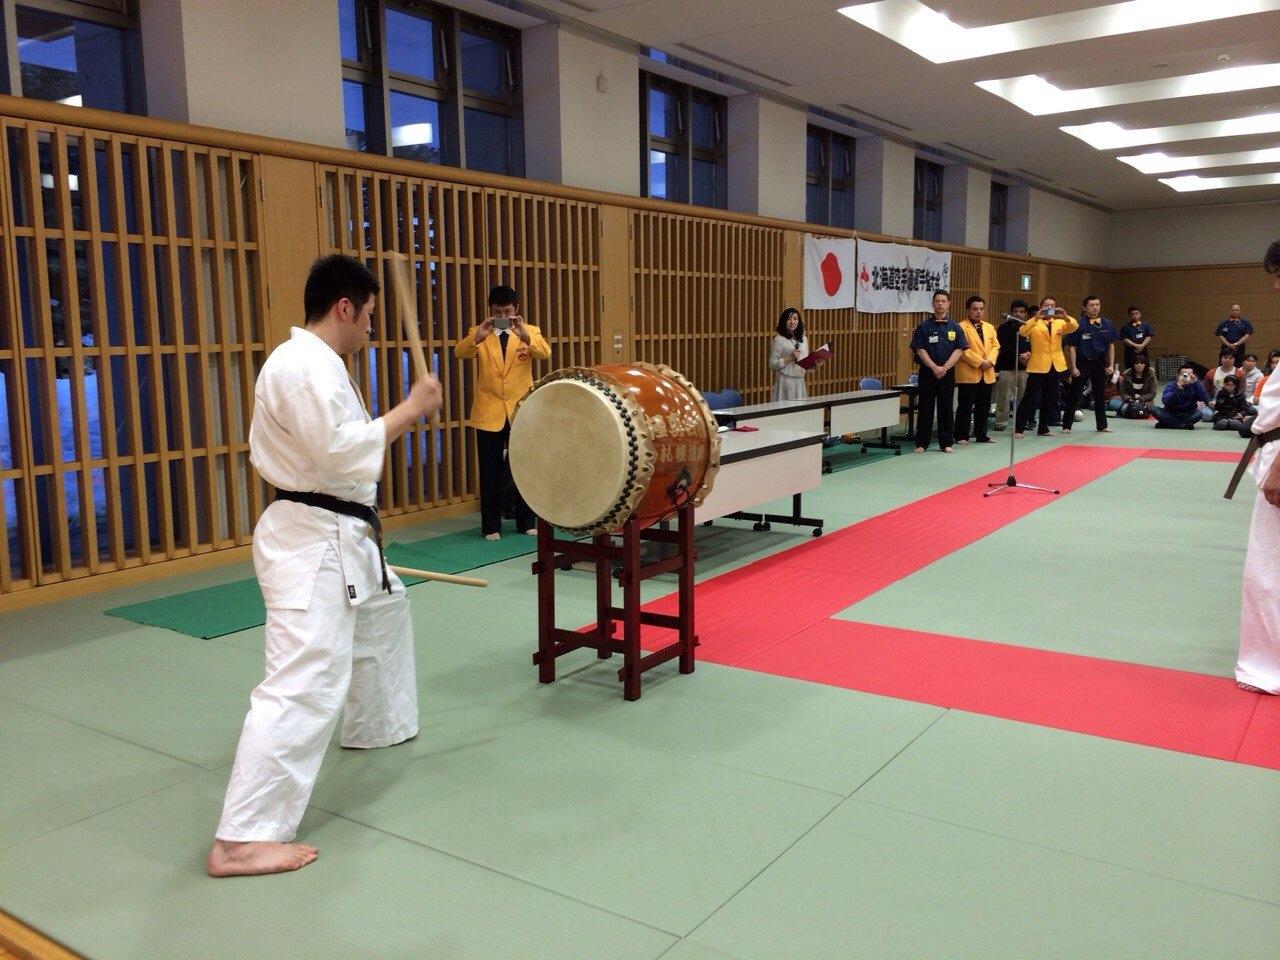 北海道大会 村岡太鼓 の写真 002